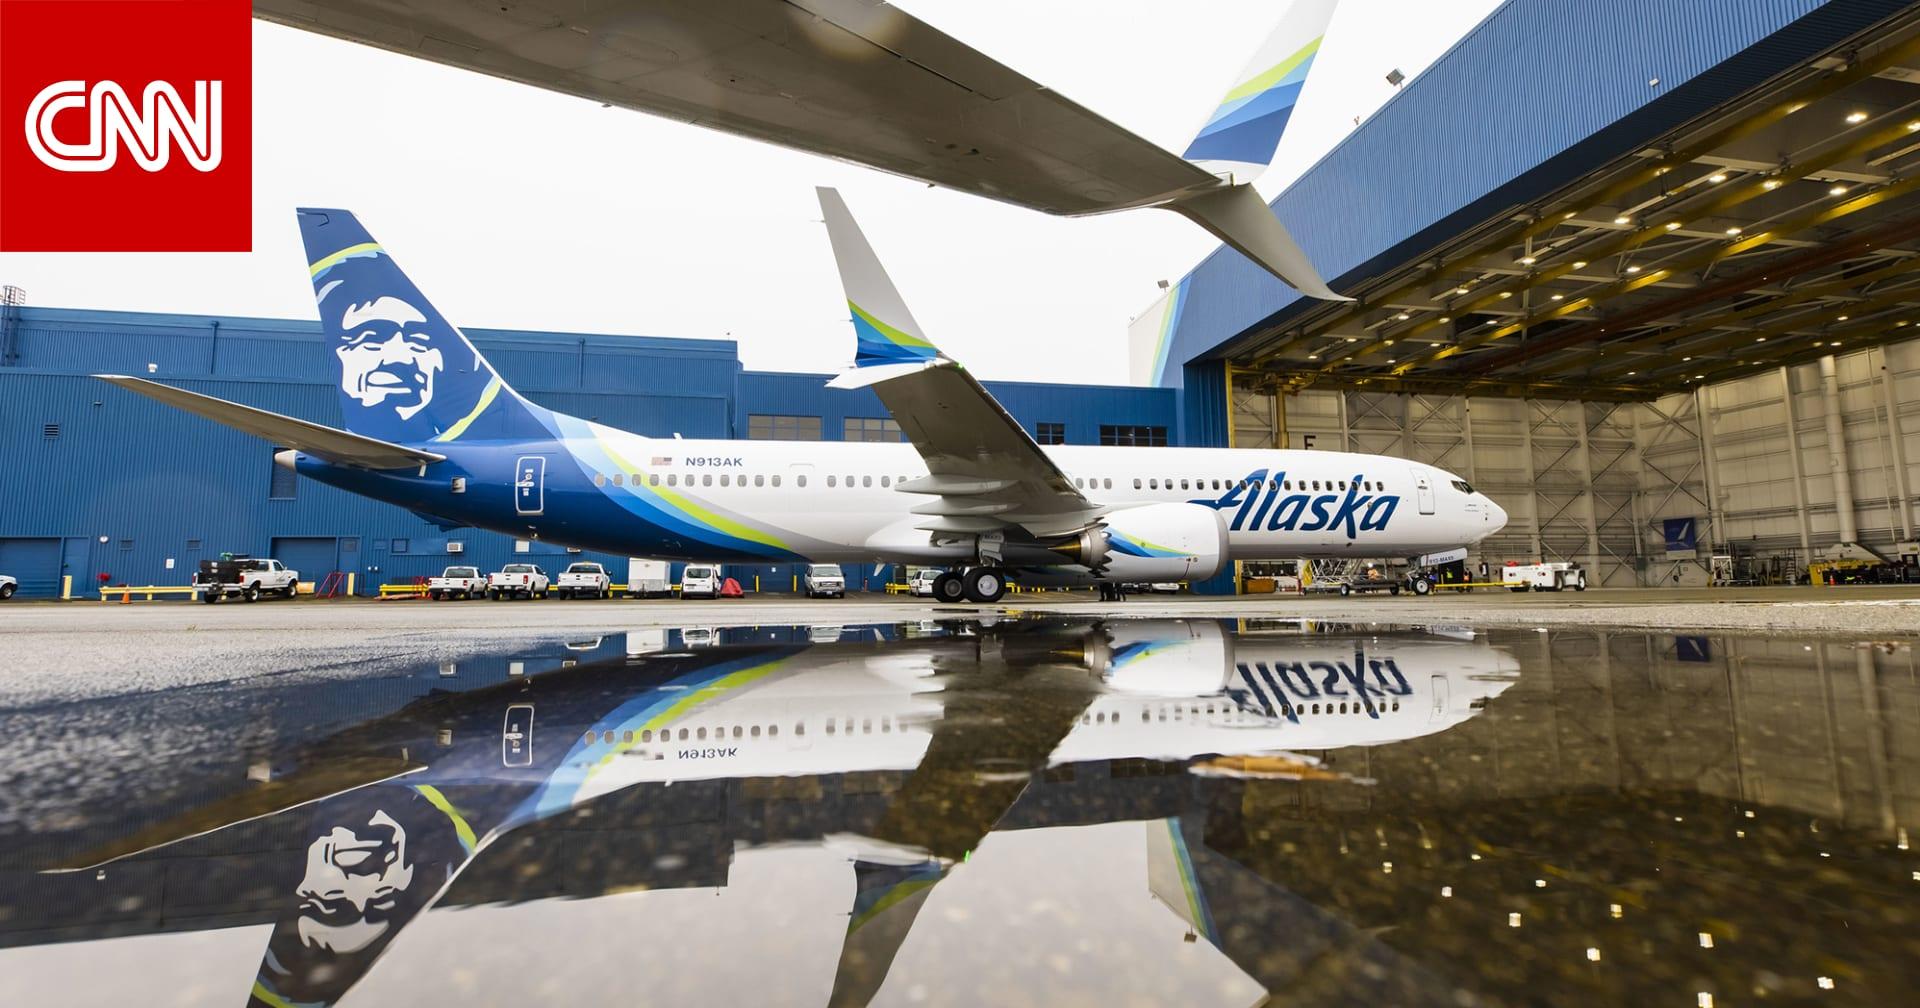 بوينغ سلّمت 26 طائرة في يناير.. أغلبها من طراز 737 ماكس